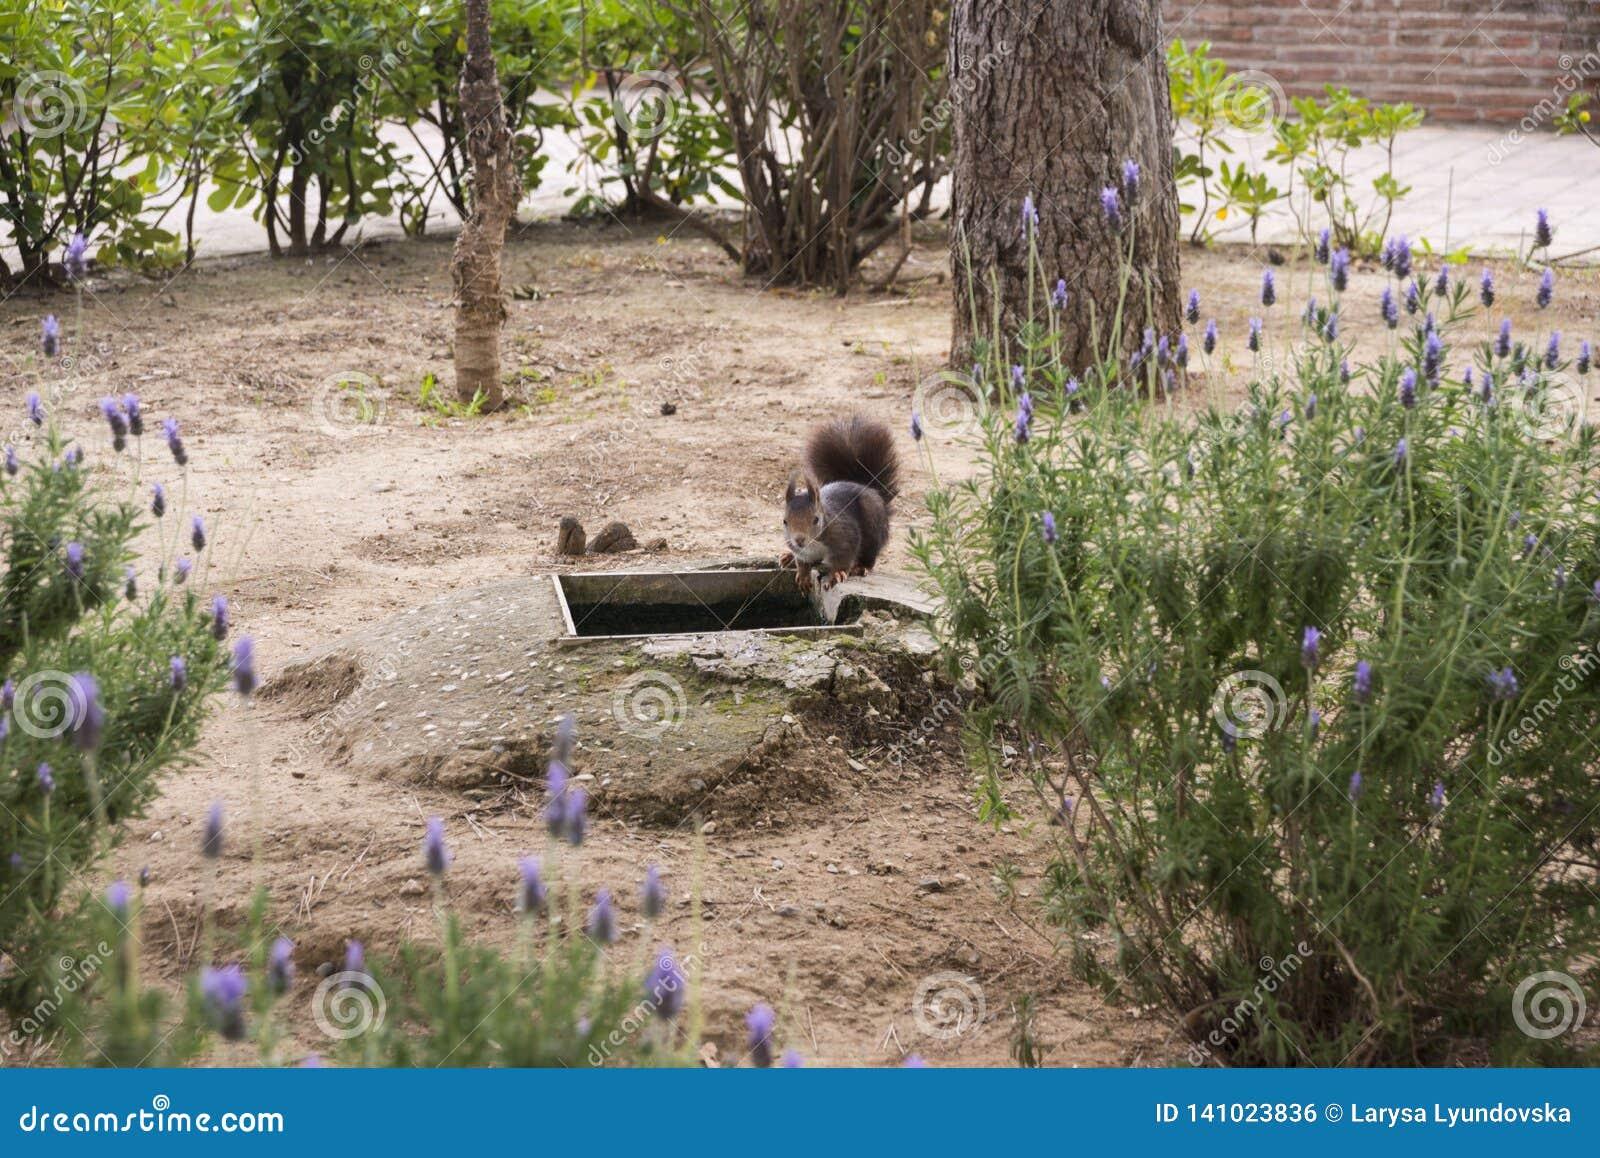 Dark brown fluffy squirrel in the park.